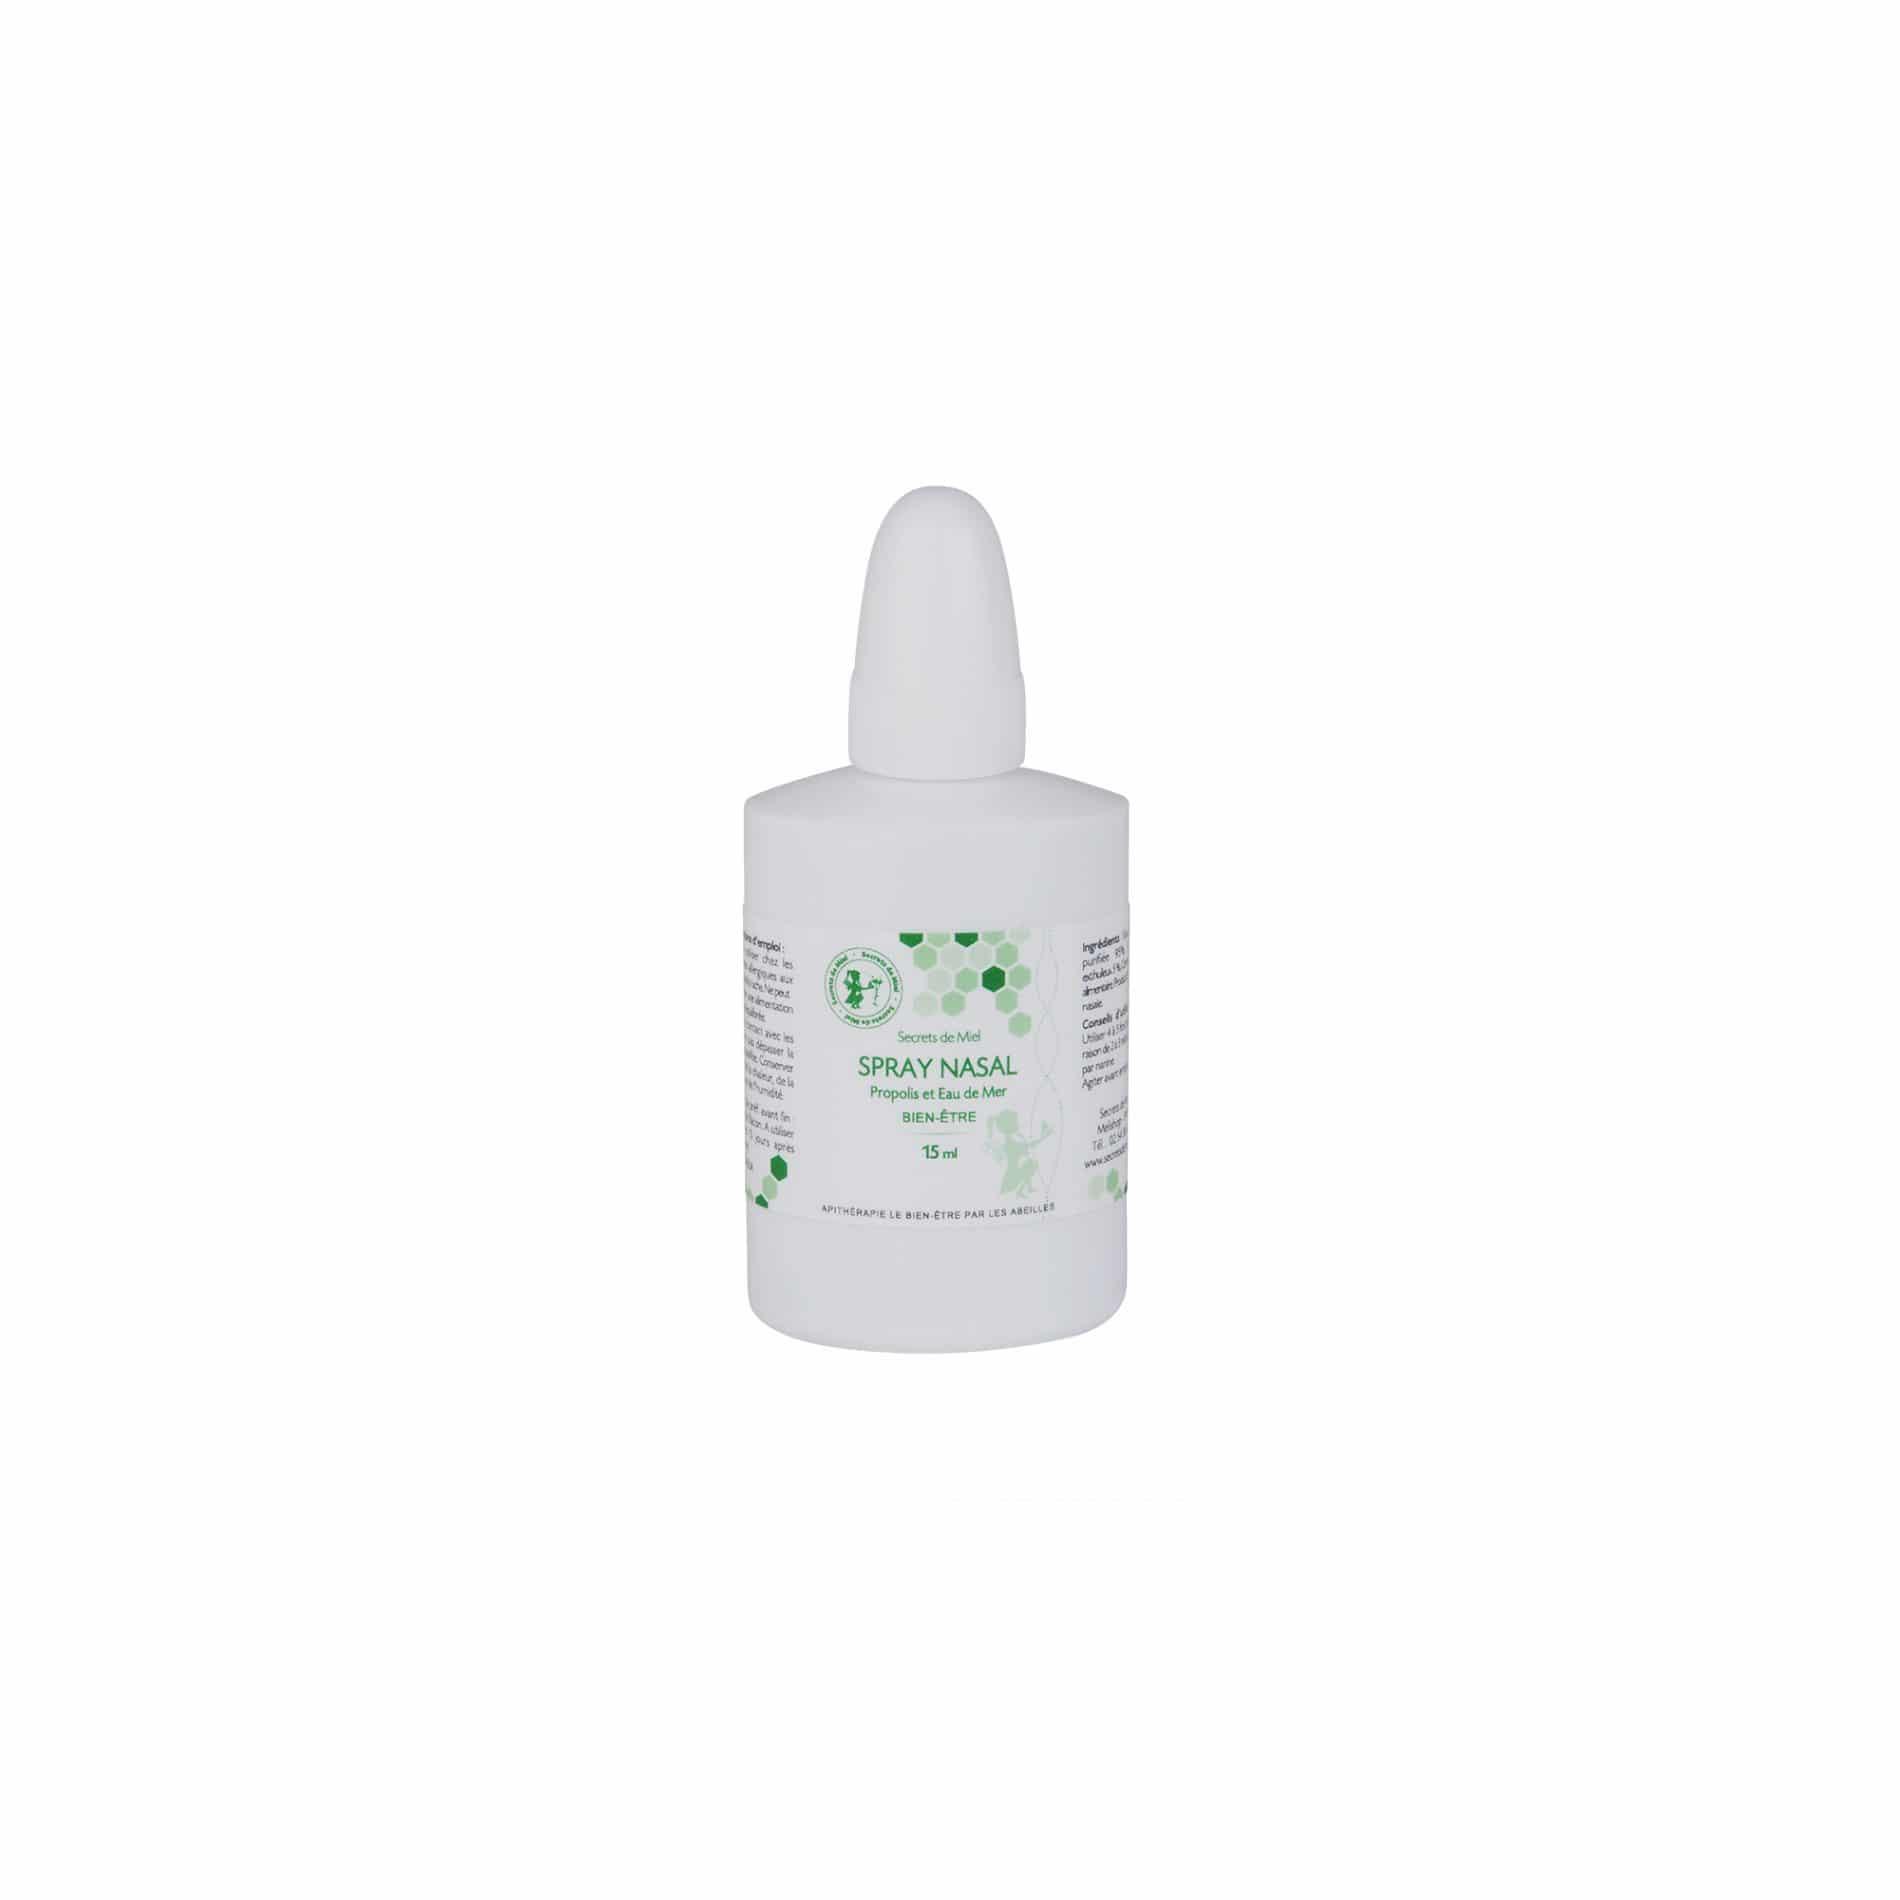 Spray Nasal - produit naturel - plantes - malade - eau de mer - protège le nez - Secrets de Miel